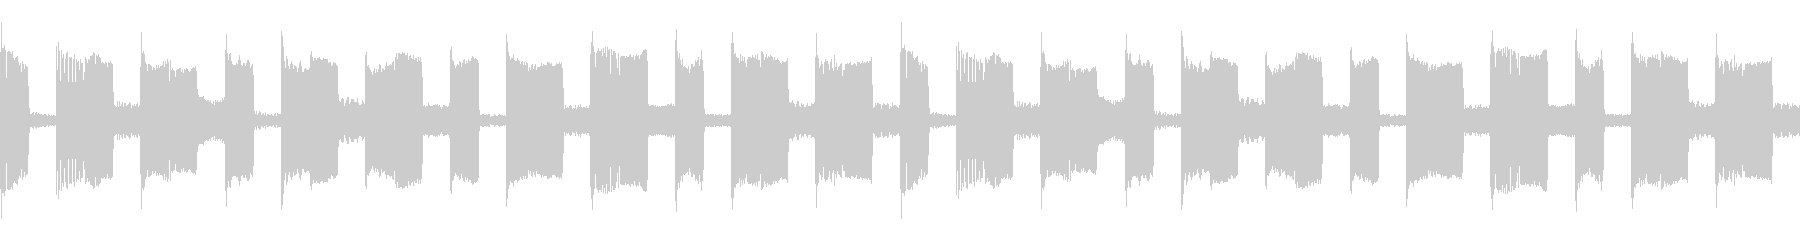 ARP シンセシーケンス 1 音楽制作用の未再生の波形